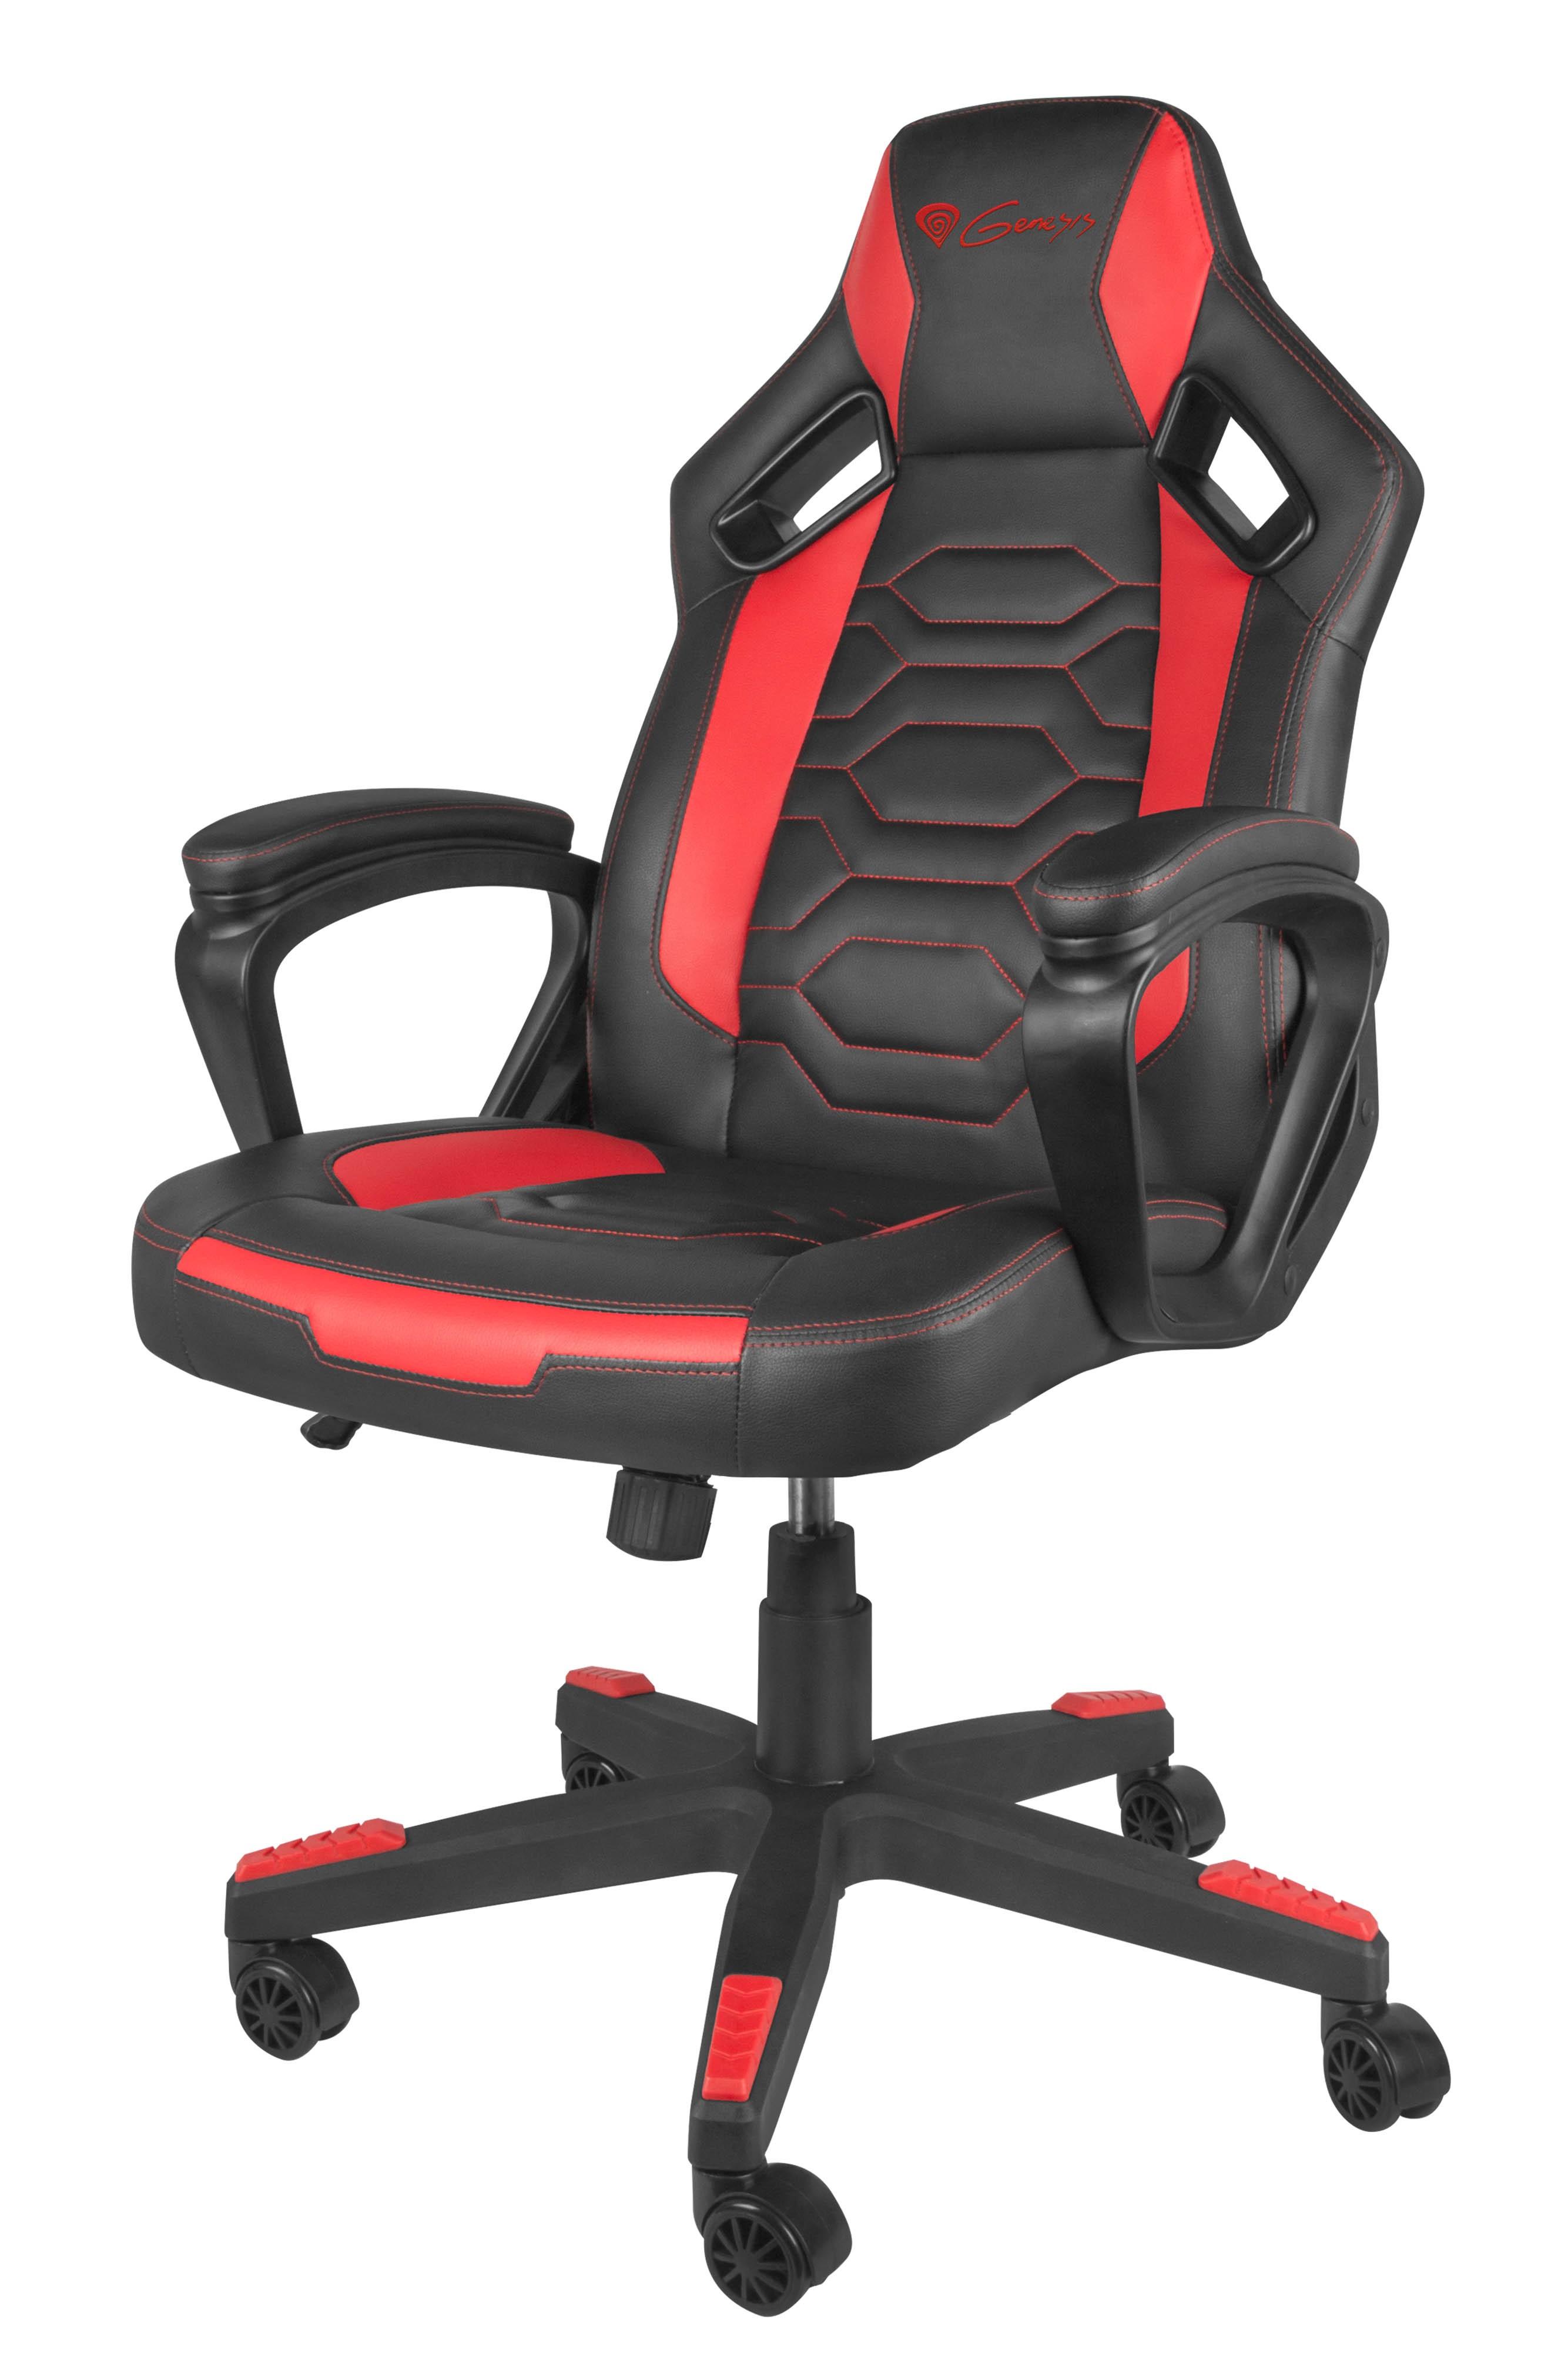 Buy GAMING CHAIR GENESIS NITRO 370 RED/BLACK